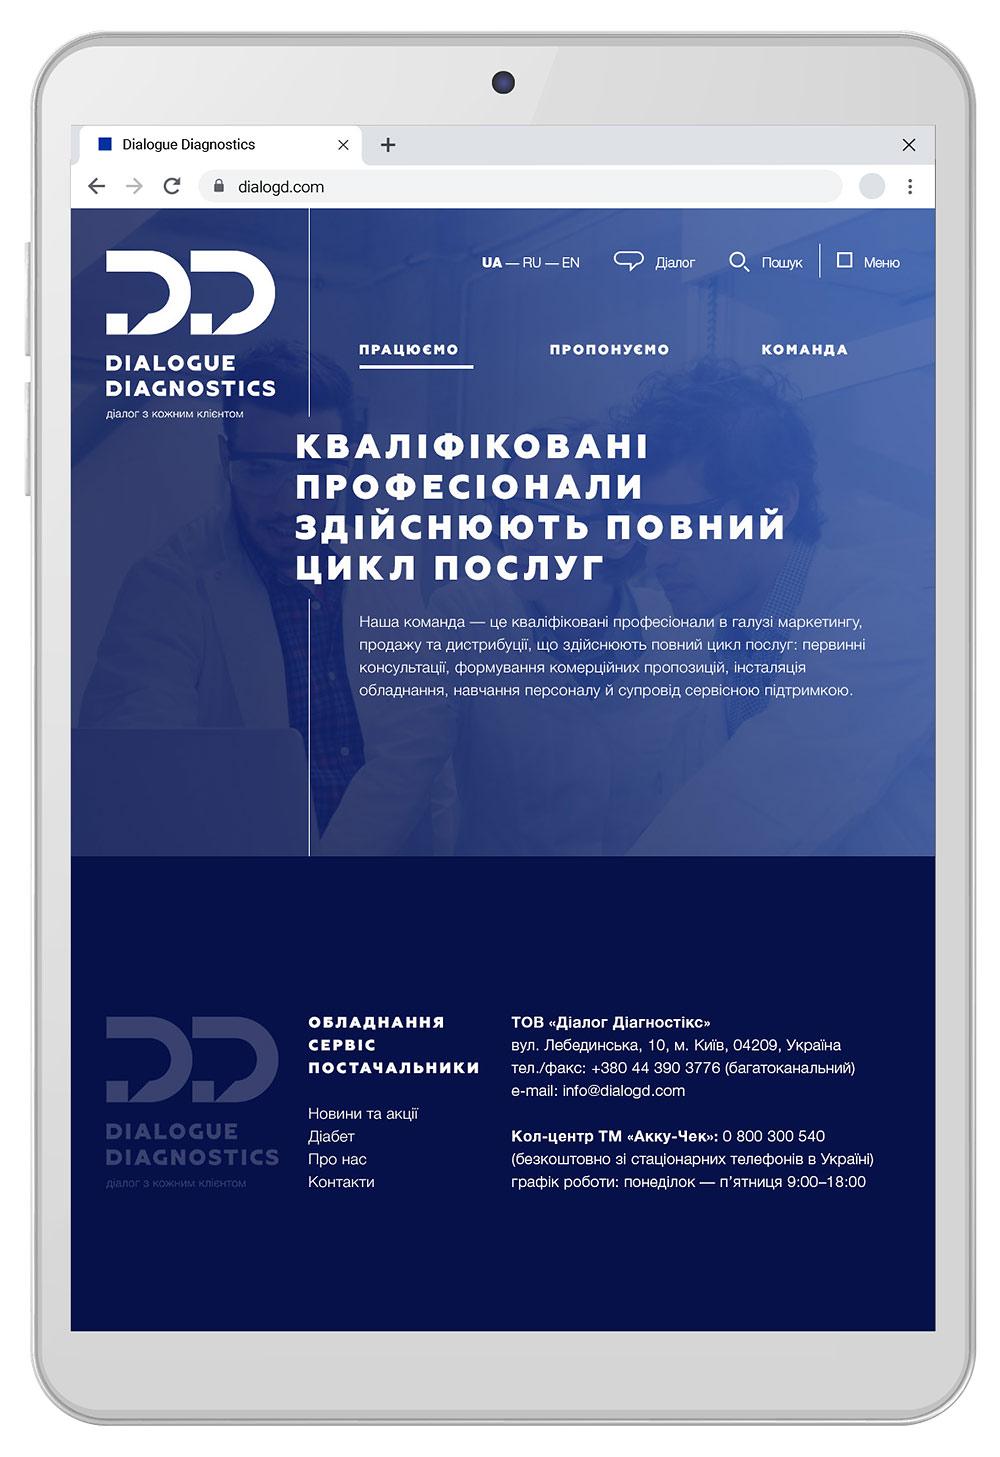 Дизайн сайта Dialogue Diagnostics (Диалог Диагностикс). Главная страница.